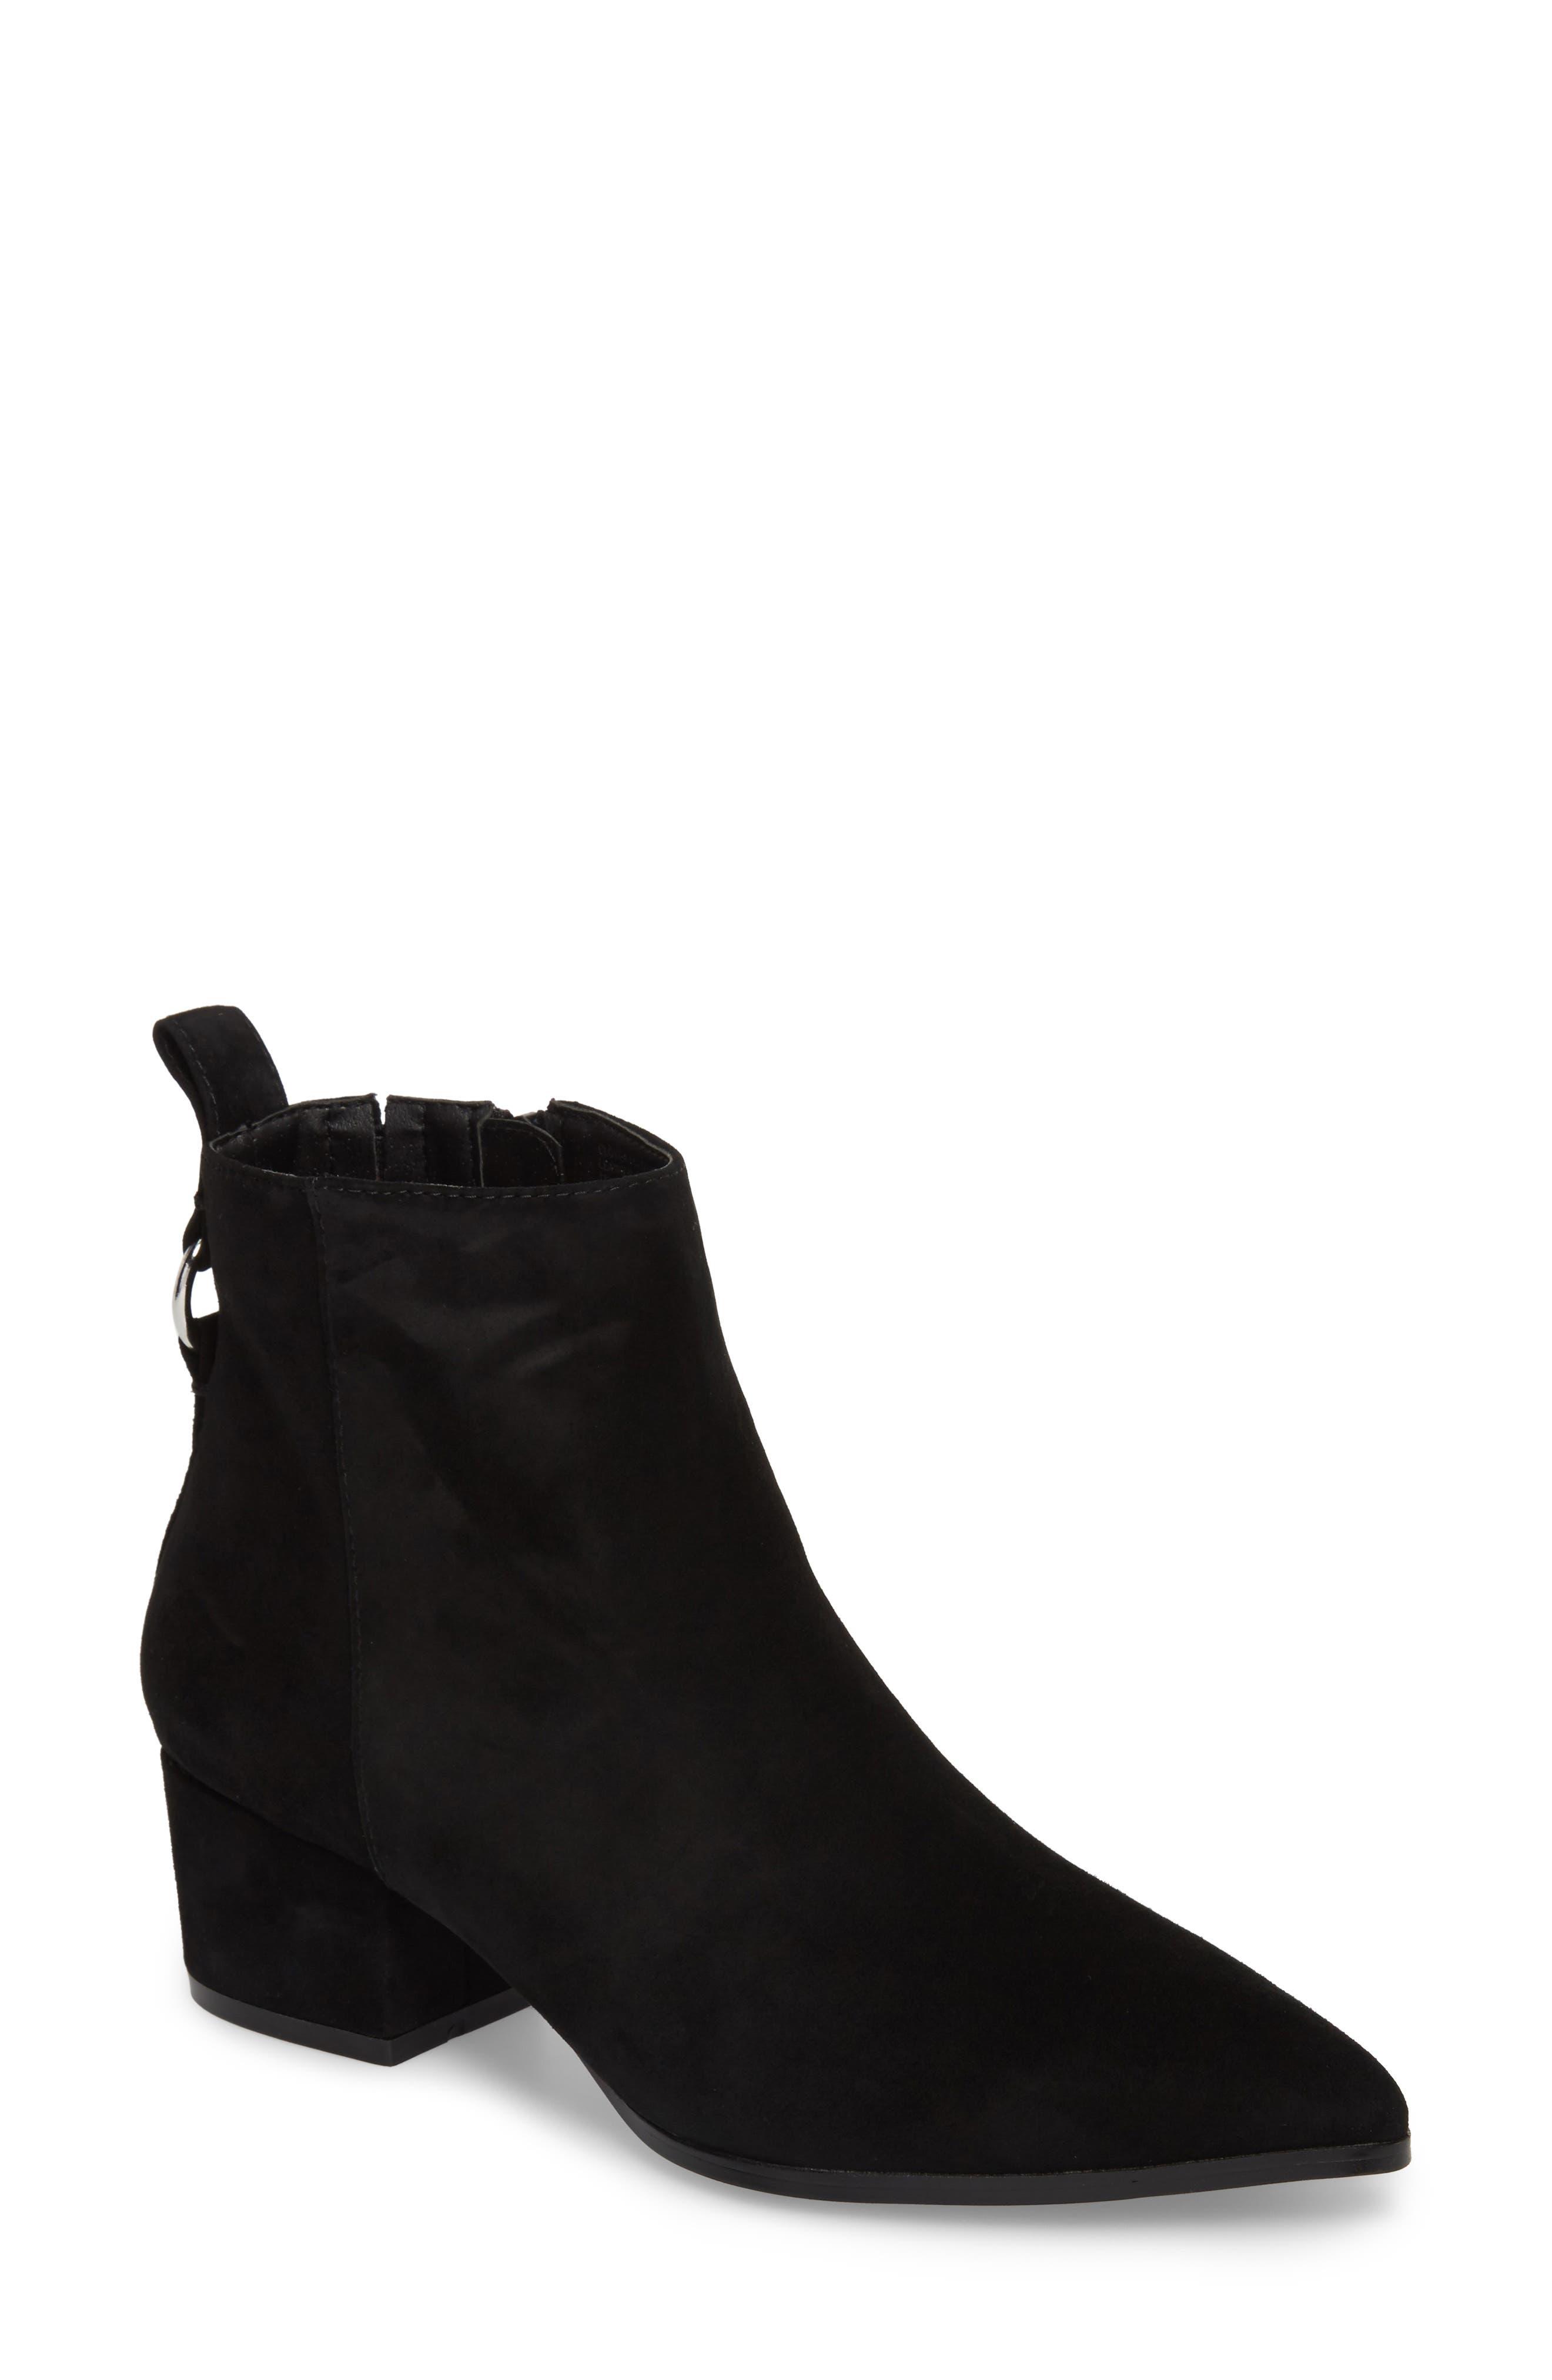 Clover Bootie,                         Main,                         color, Black Suede